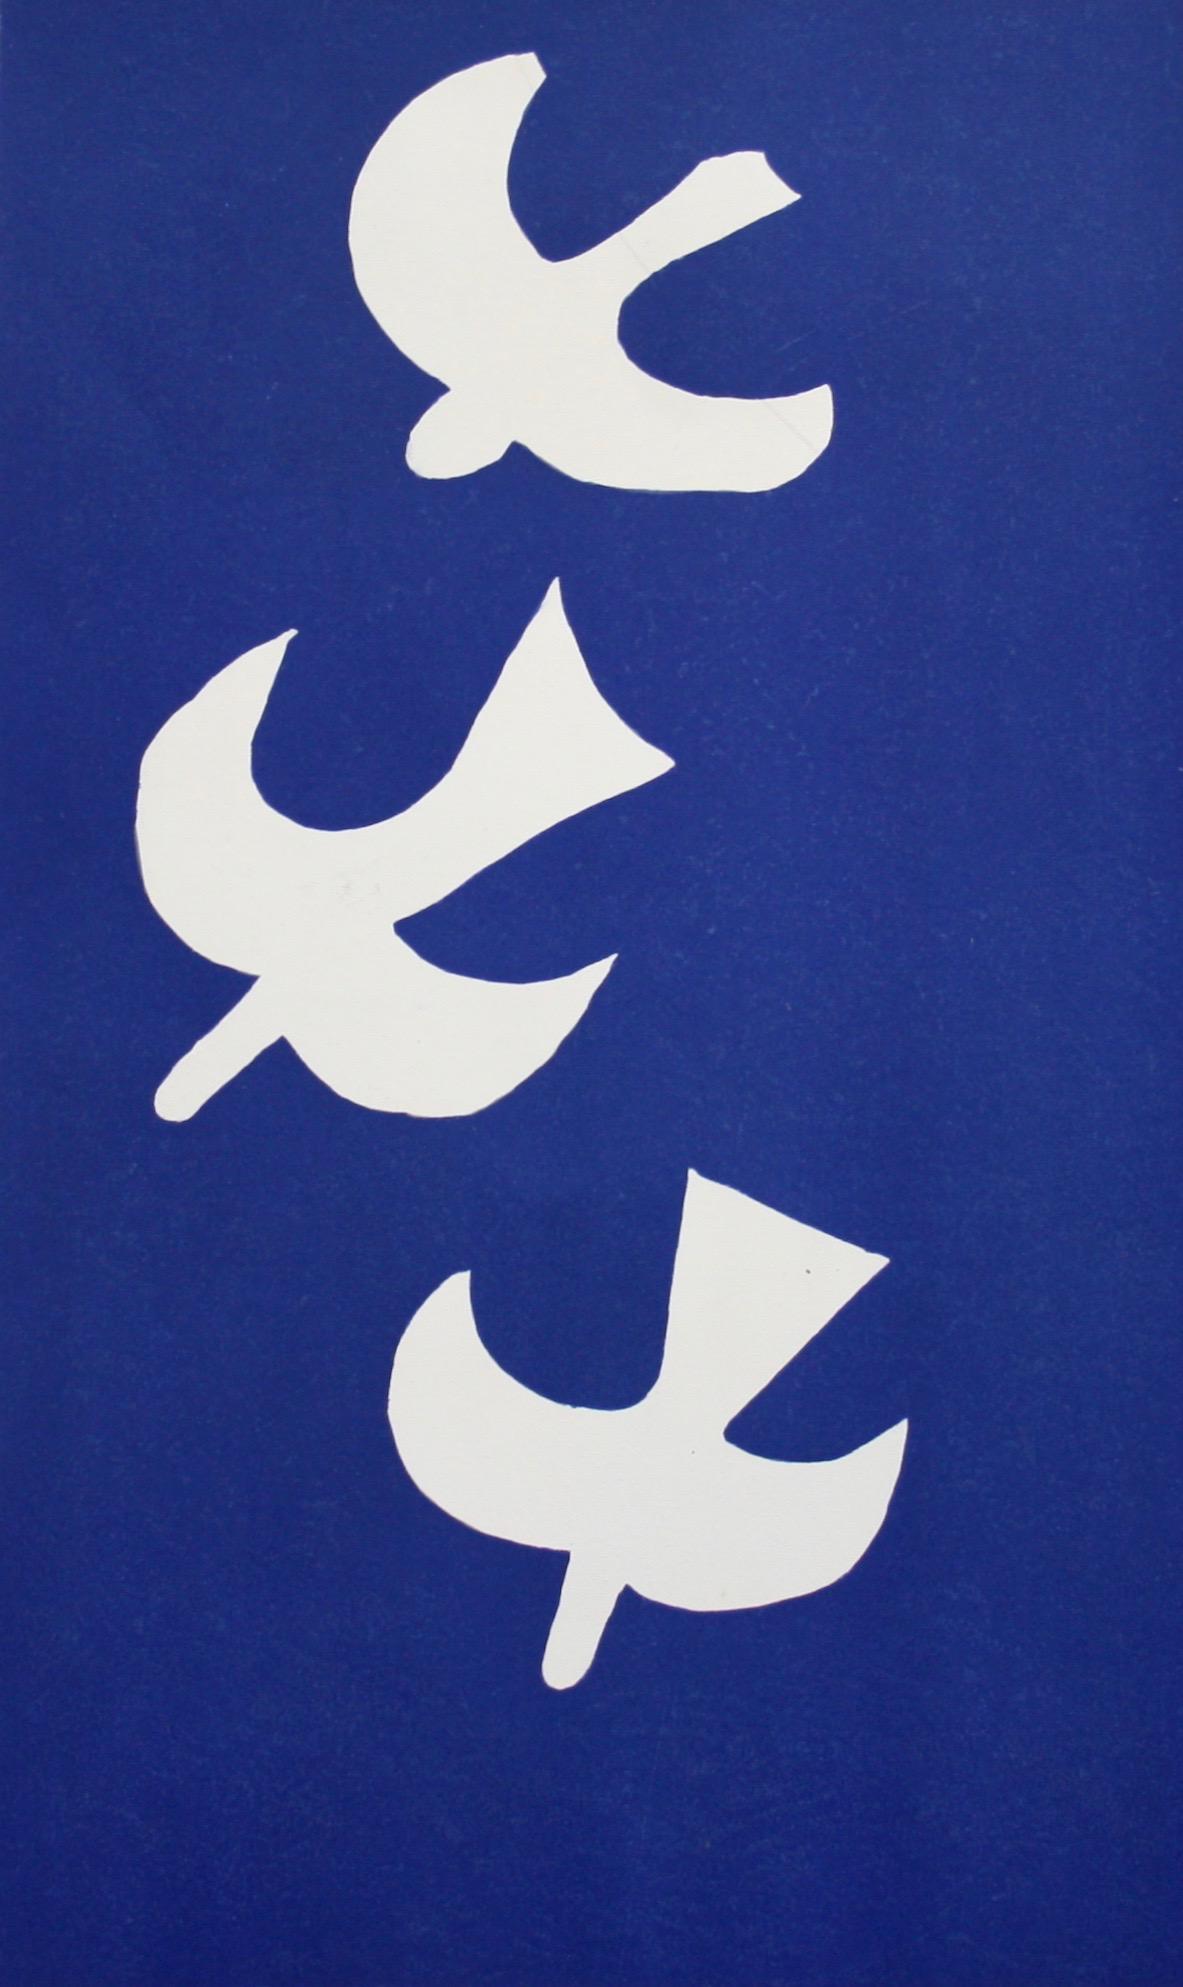 11-braque-trois-oiseaux-1955